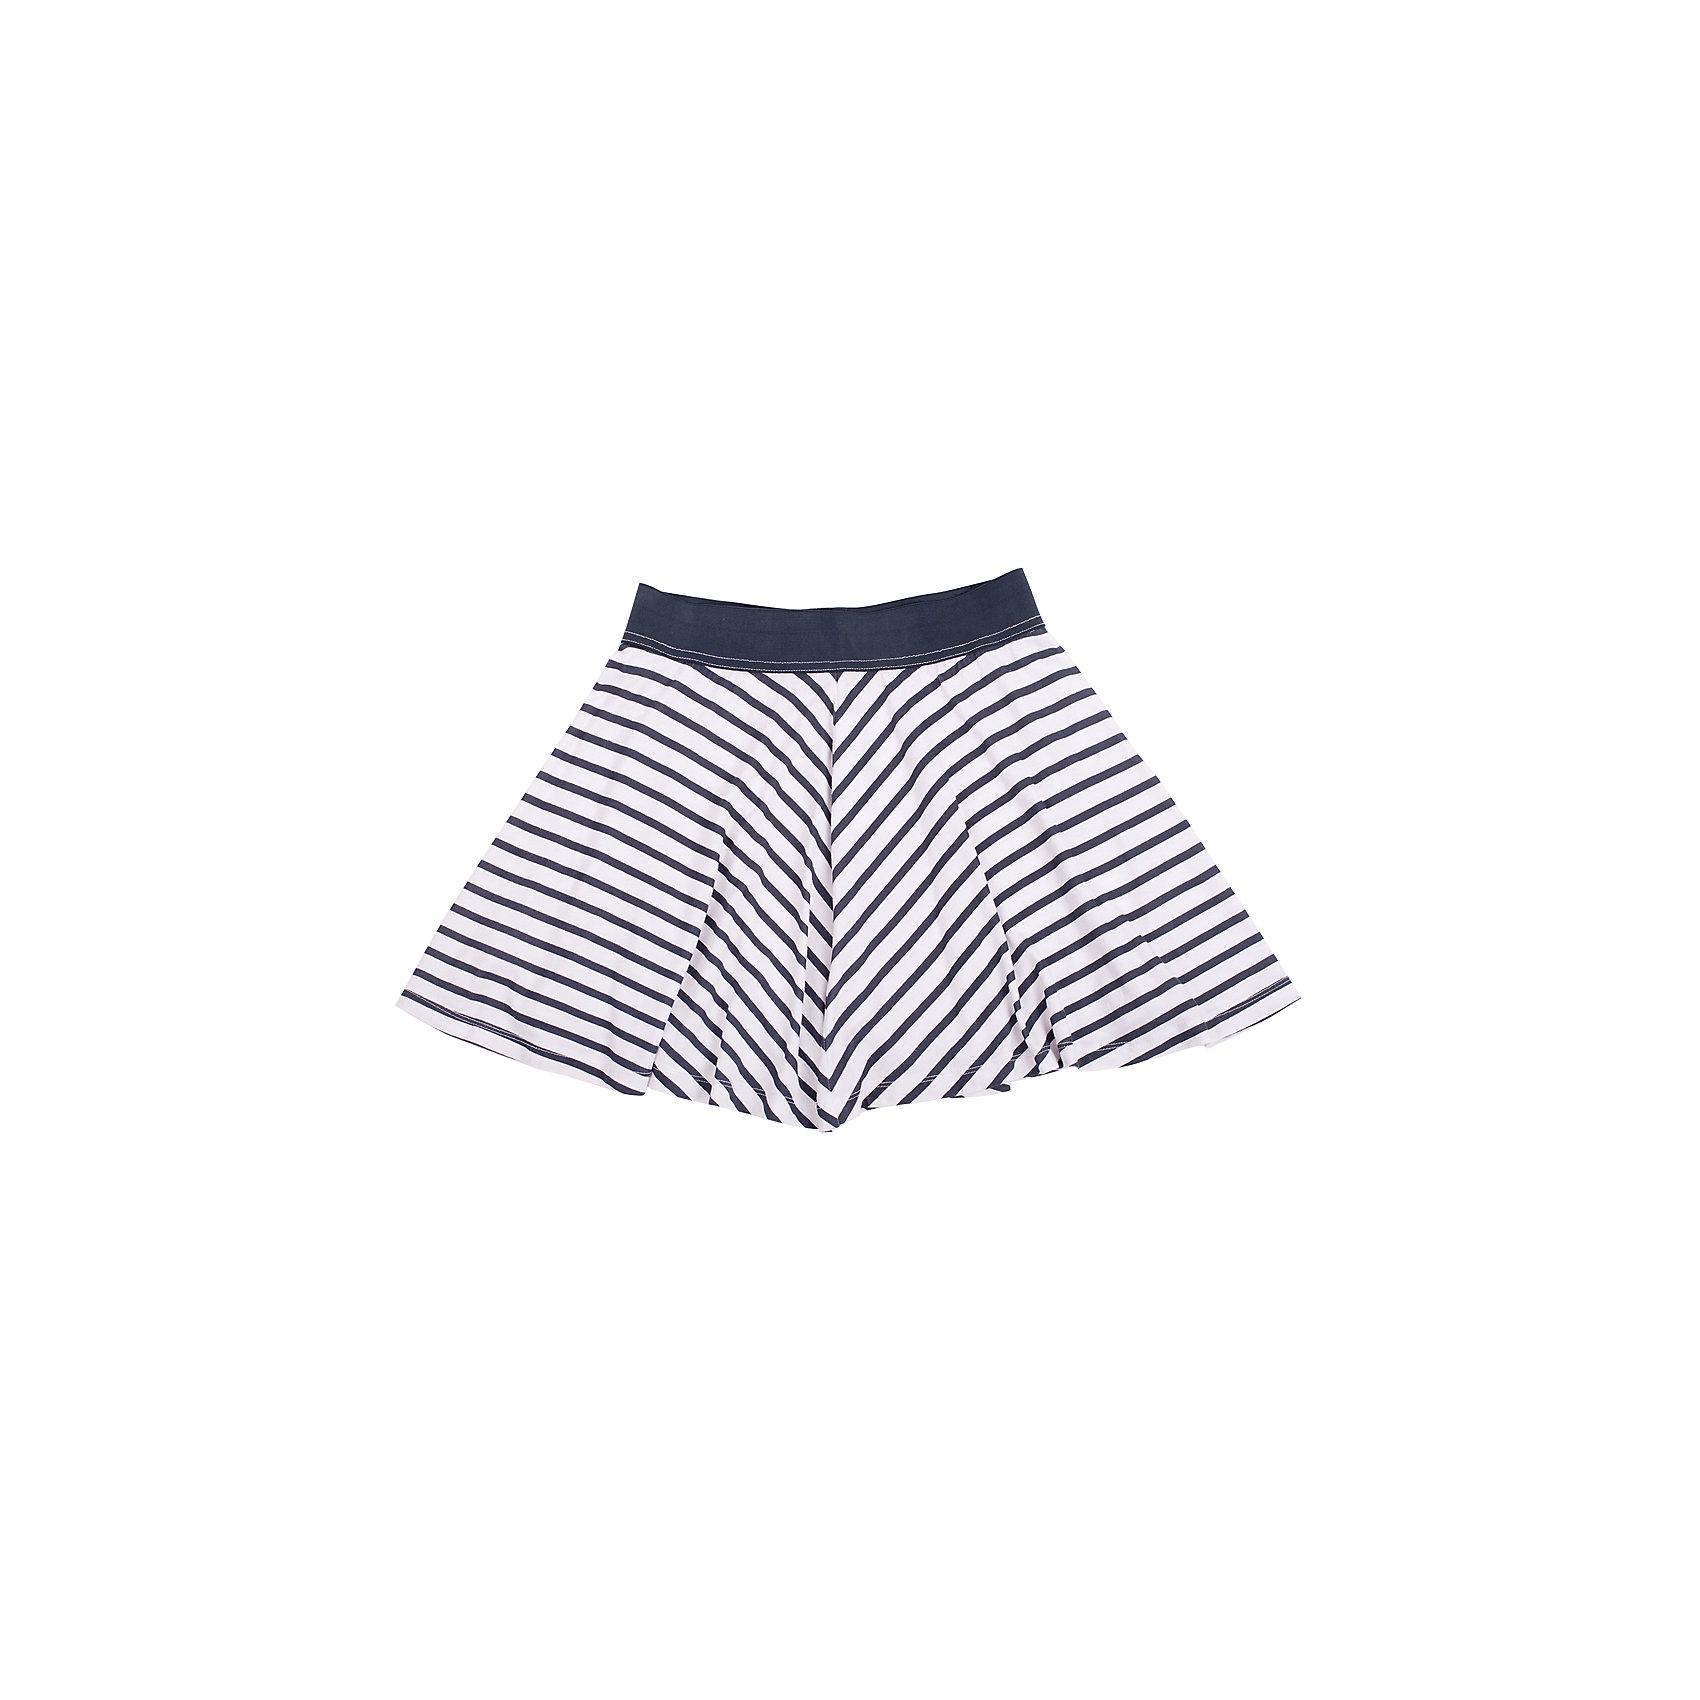 Юбка для девочки GulliverСтильная трикотажная юбка для девочки украсит новый летний гардероб ребенка и придаст ему свежесть и новизну. Сочетание полоски и летящего трапециевидного силуэта модели солнце делает юбку очень необычной, острой, интересной. Трикотажная юбка на резинке - удобное, комфортное решение на каждый день. С топом, майкой, футболкой юбка создаст отличный комплект в спортивном стиле - динамичный и интересный!<br>Состав:<br>47,5% модал 47,5% бамбук  5% эластан<br><br>Ширина мм: 207<br>Глубина мм: 10<br>Высота мм: 189<br>Вес г: 183<br>Цвет: разноцветный<br>Возраст от месяцев: 108<br>Возраст до месяцев: 120<br>Пол: Женский<br>Возраст: Детский<br>Размер: 140,128,134,122<br>SKU: 4534887